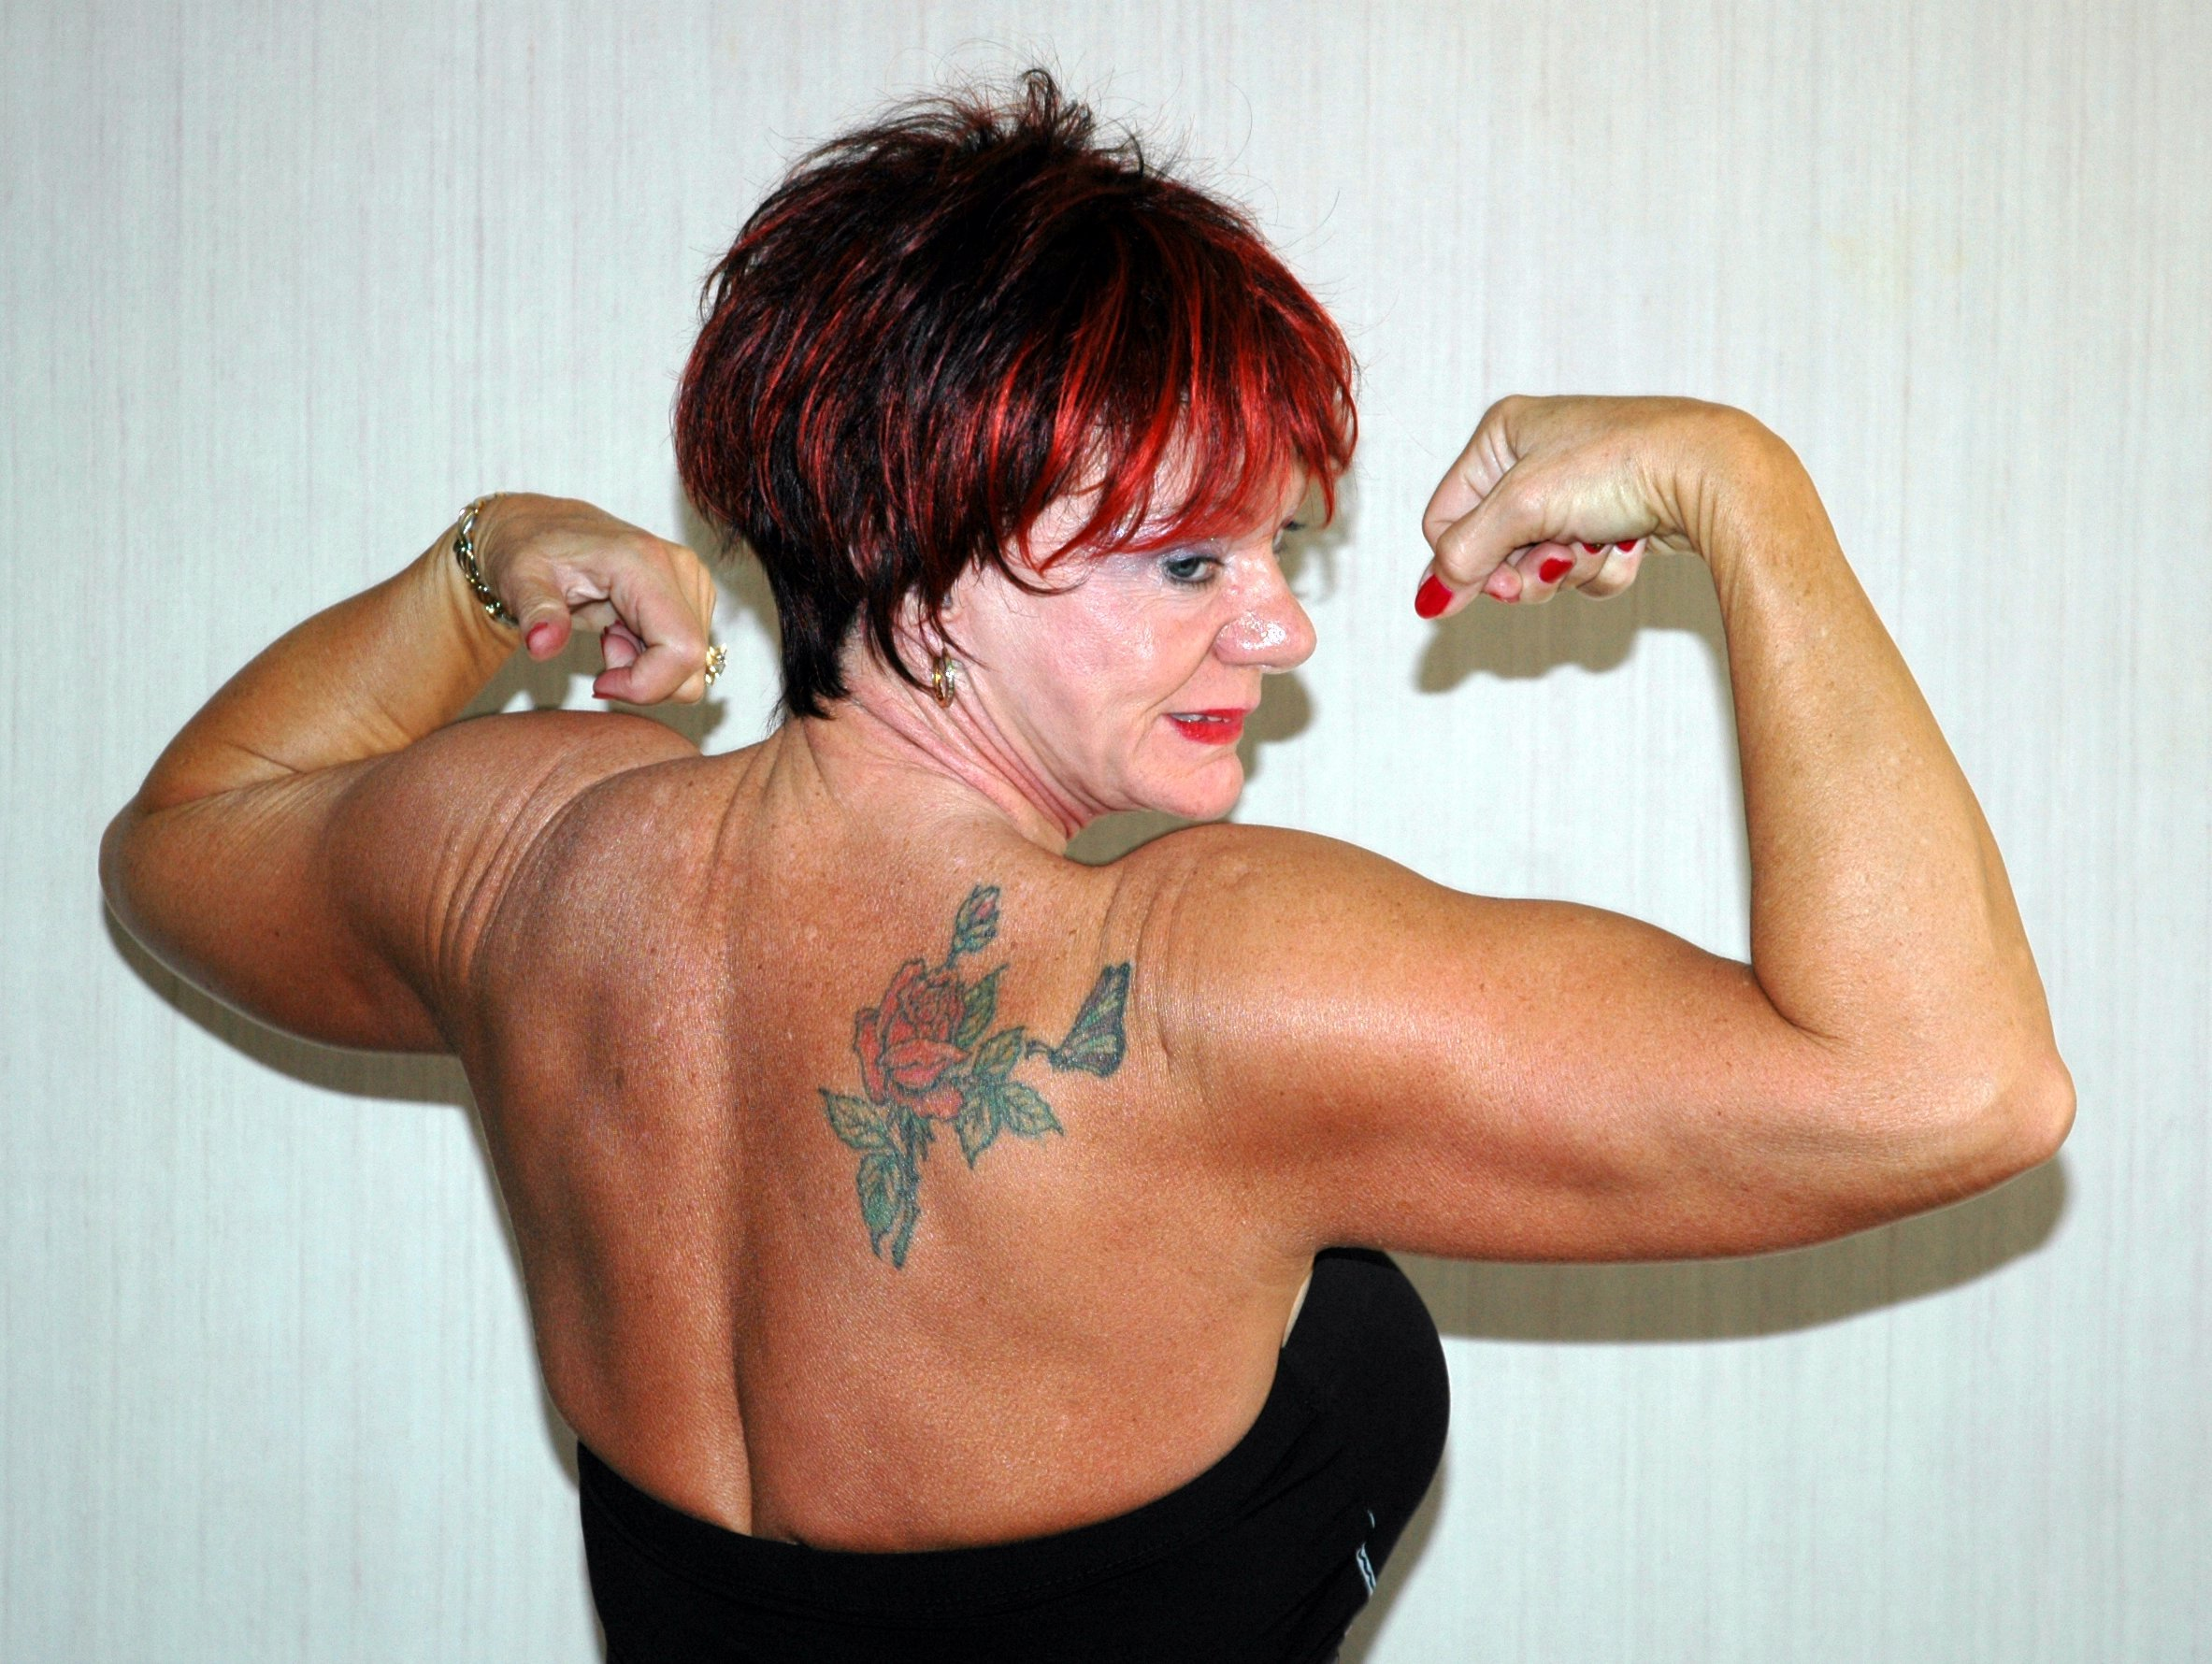 Built Old Lady's BodySpace - Bodybuilding.com